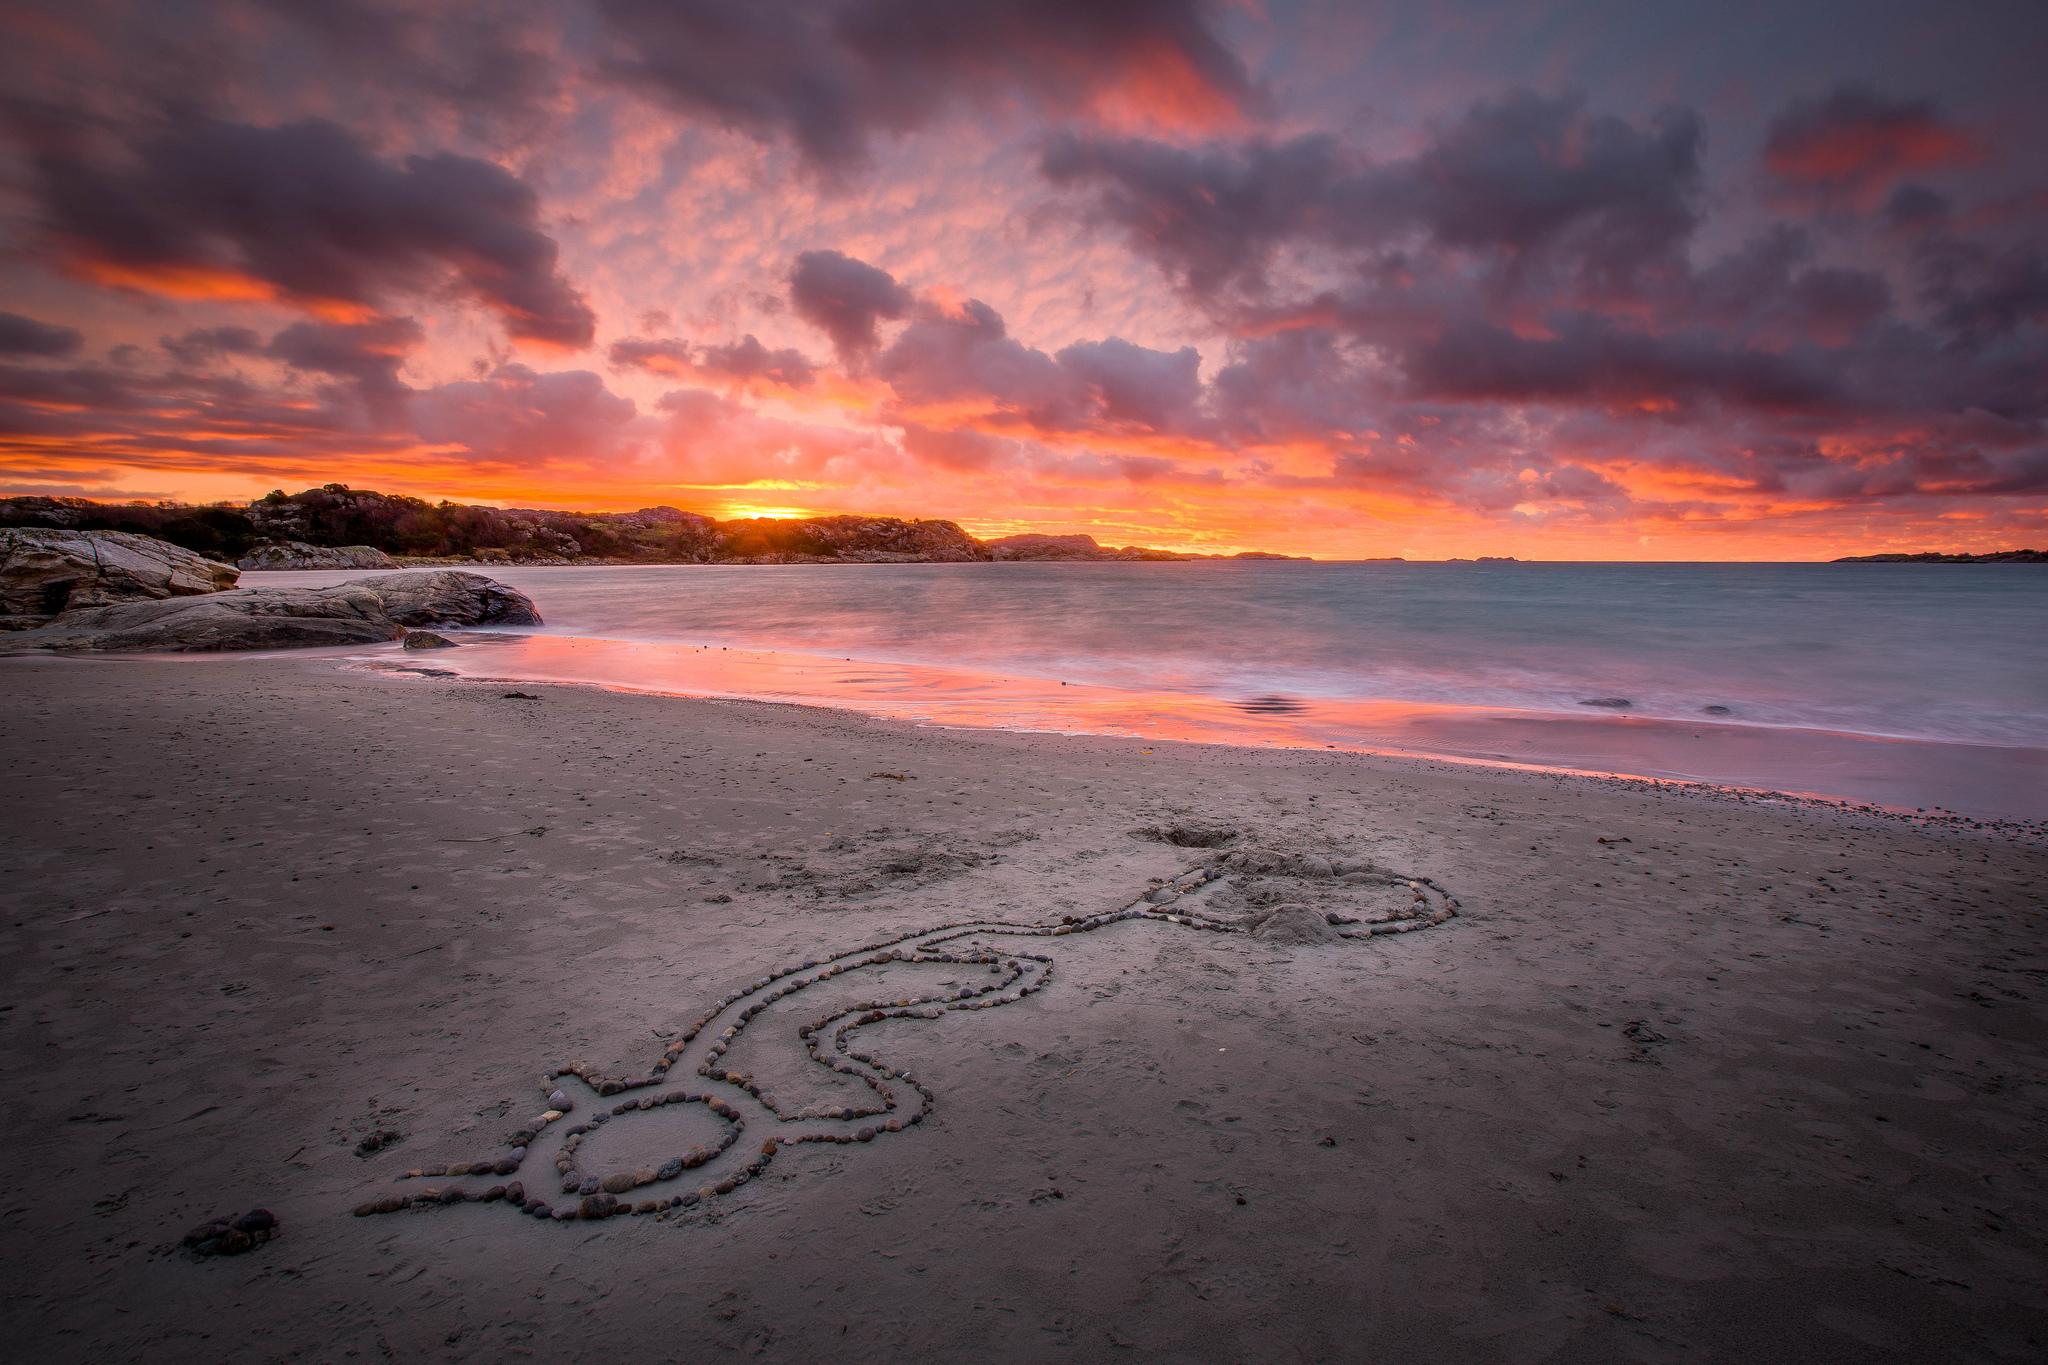 море океан камни скалы закат sea the ocean stones rock sunset  № 2530602 бесплатно